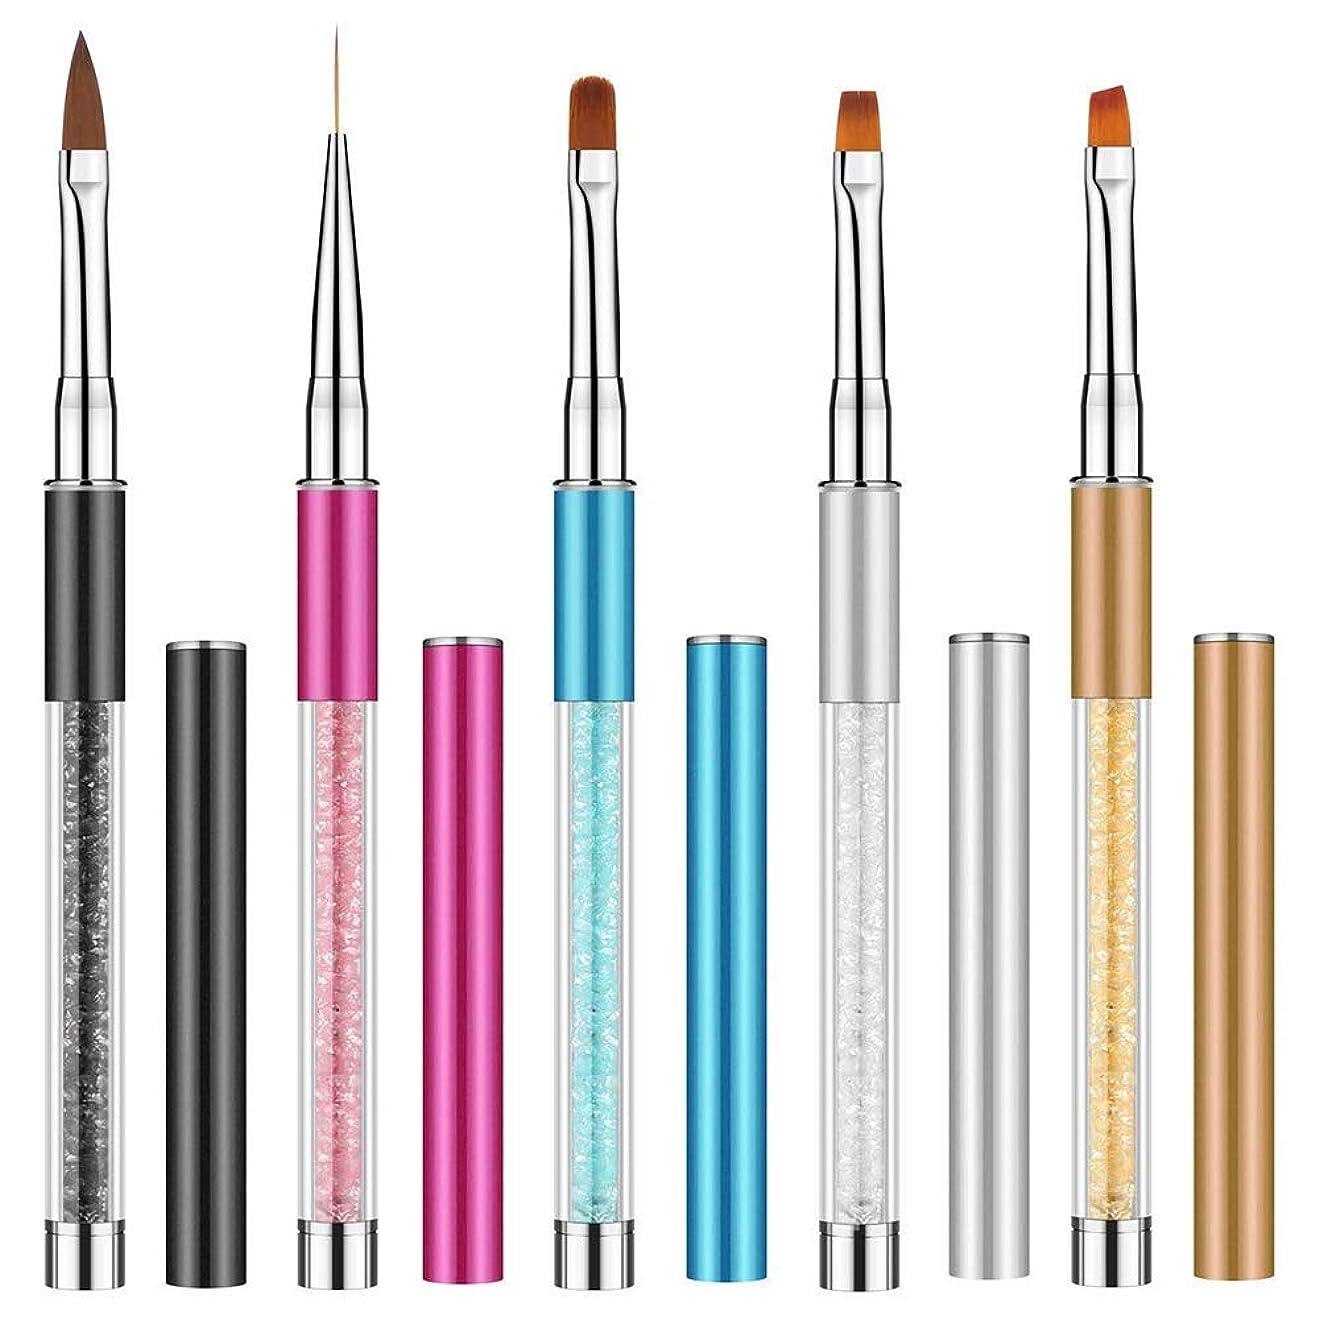 遅い足排除ネールアートペン ネールブラシセット マニキュアツールキット アクリル UV用 ネイルツール ネイル用品 キャップ付き 5本セッネイルアートブラシ